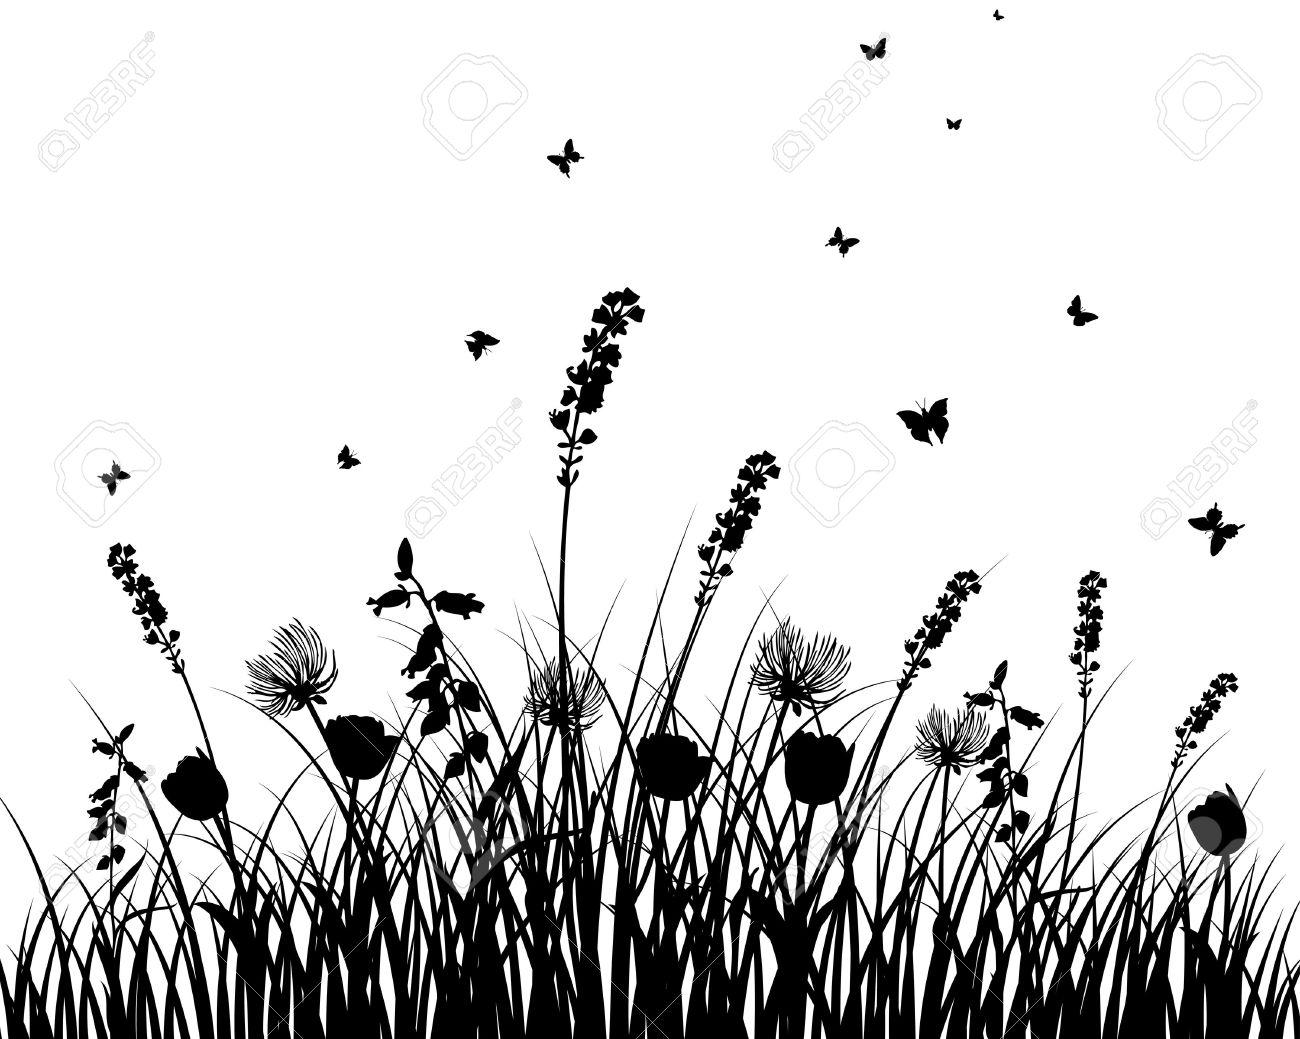 flower field outline.